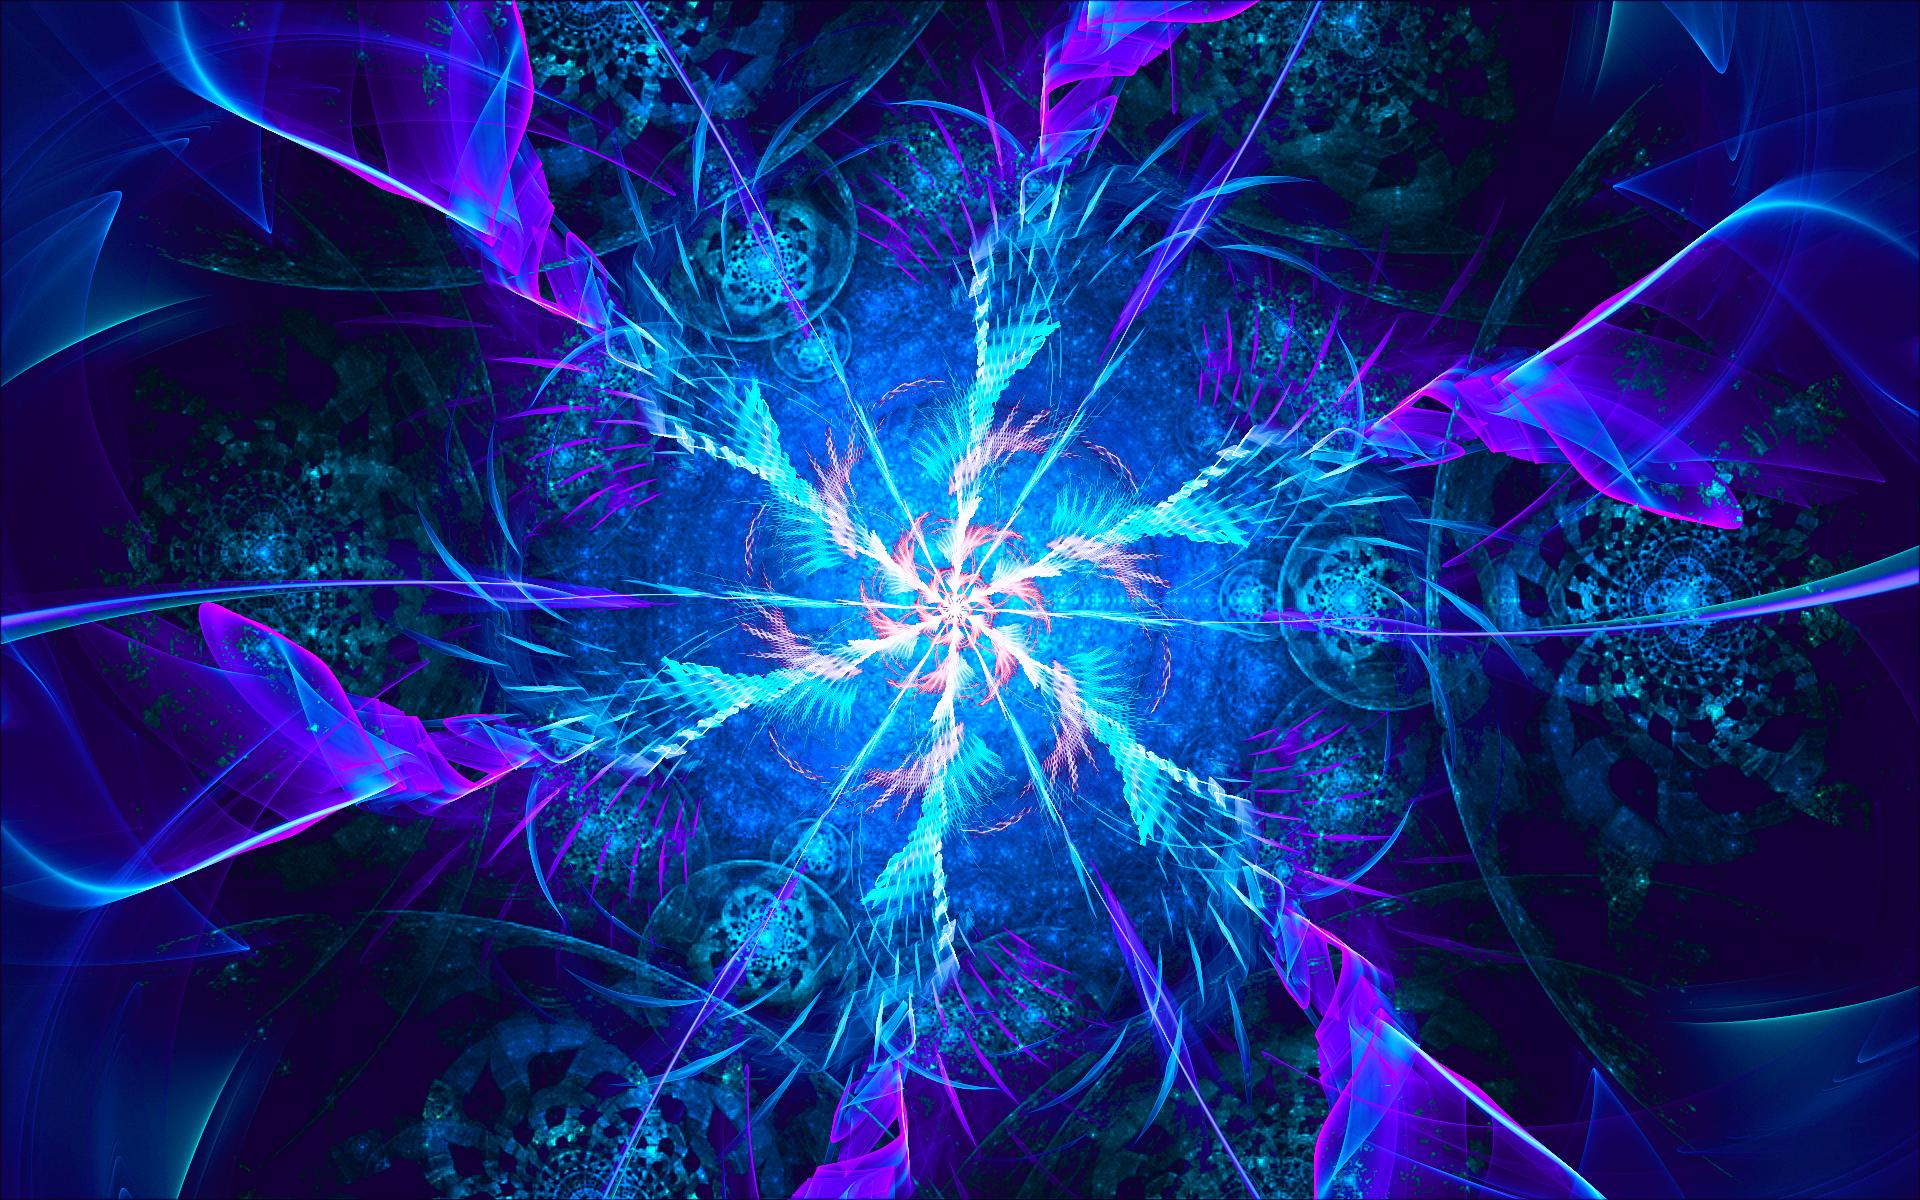 Chasm by Fractamonium